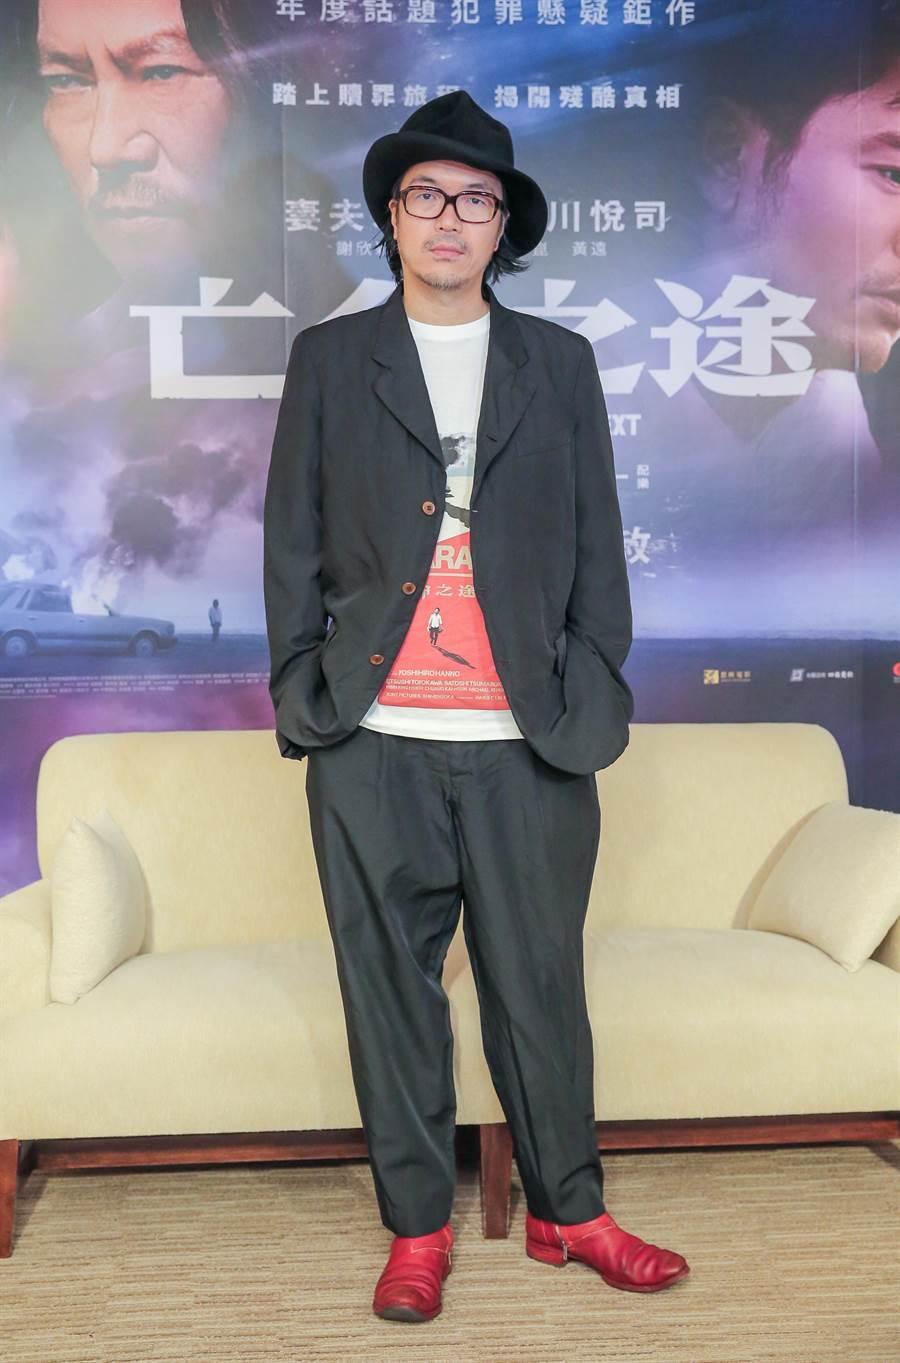 導演半野喜弘受訪時不忘稱讚台灣演員表現傑出。(盧禕祺攝)